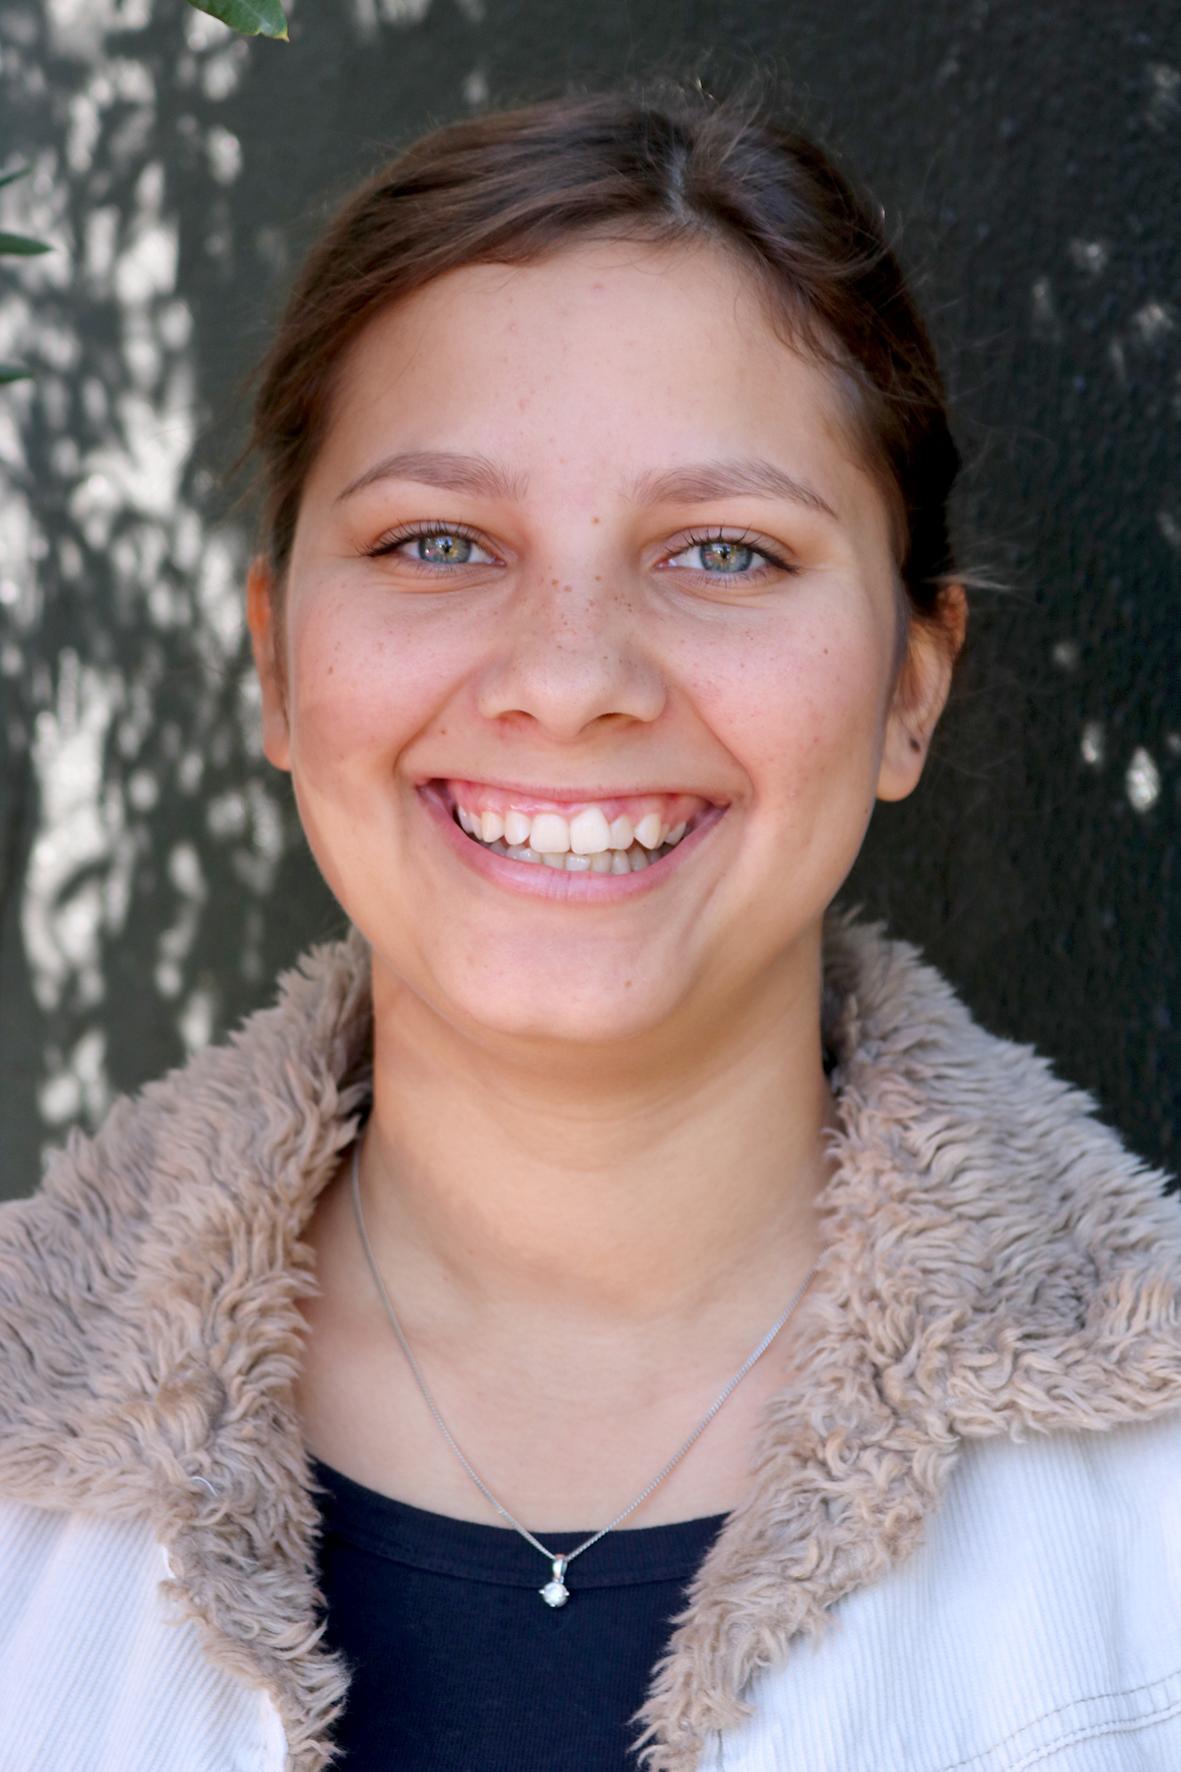 Image of Keisha smiling at the camera